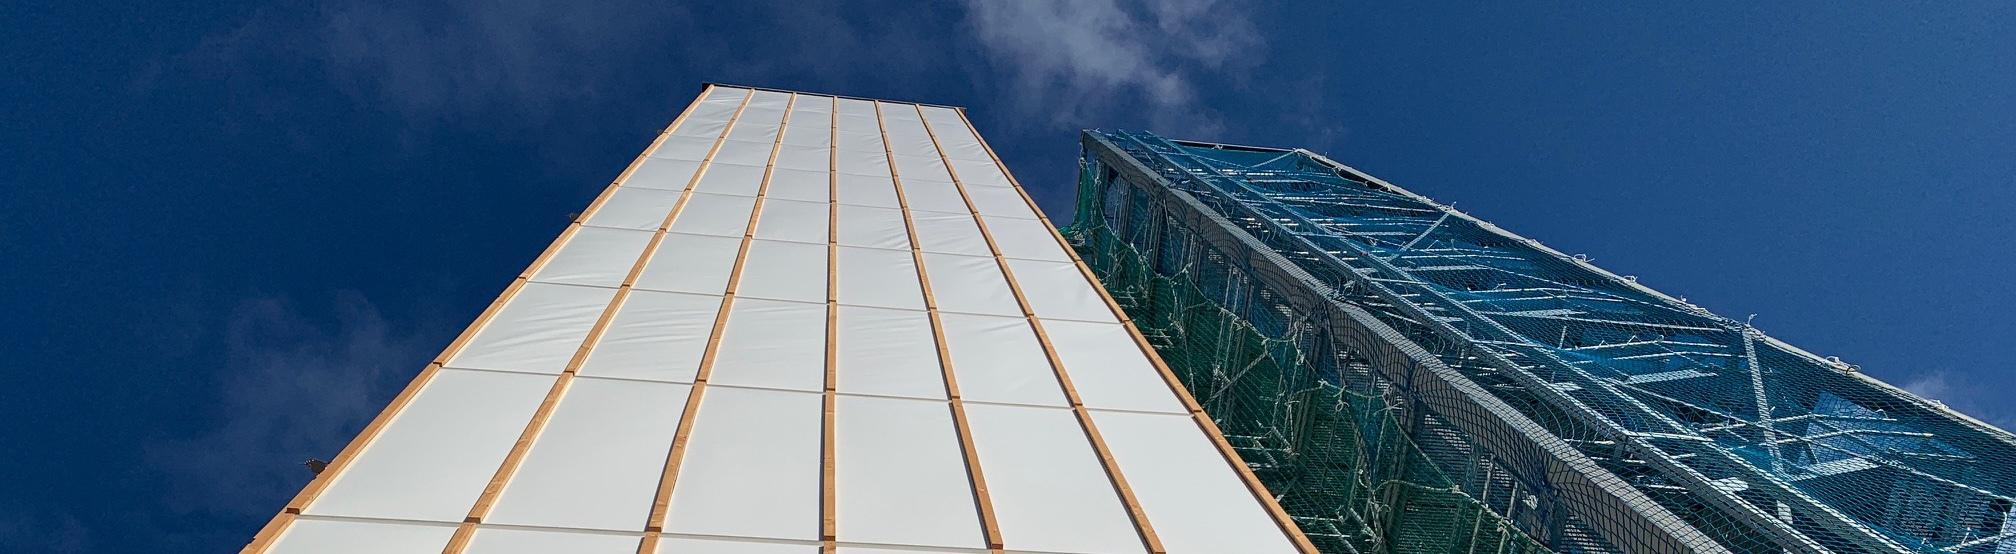 Das adaptive Hochhaus in der Bauphase von unten aufgenommen